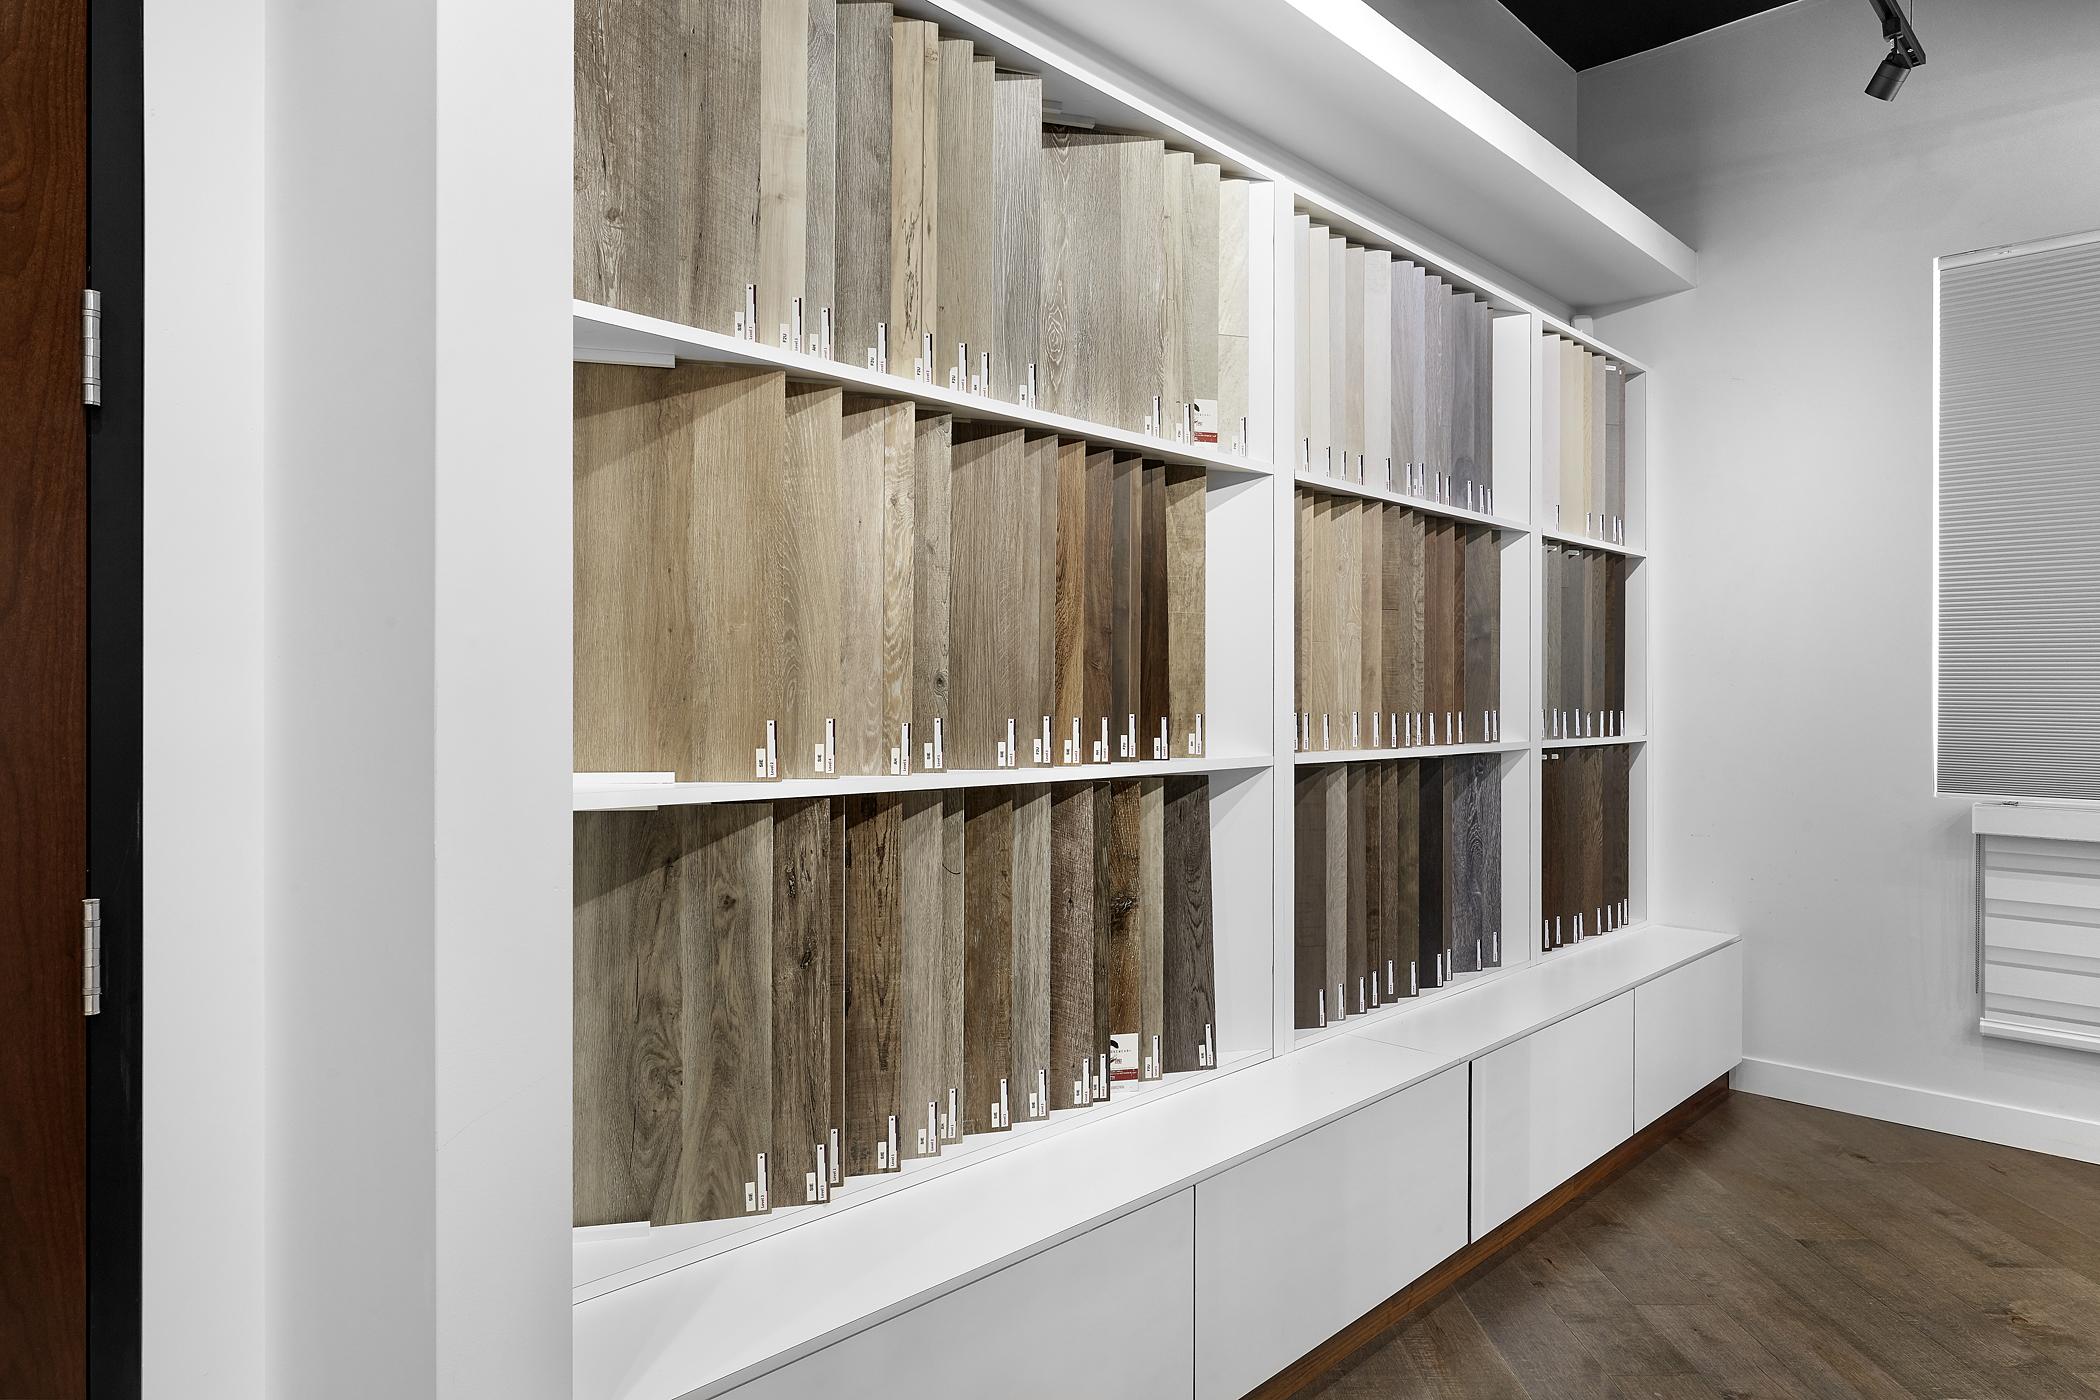 Design centre flooring options